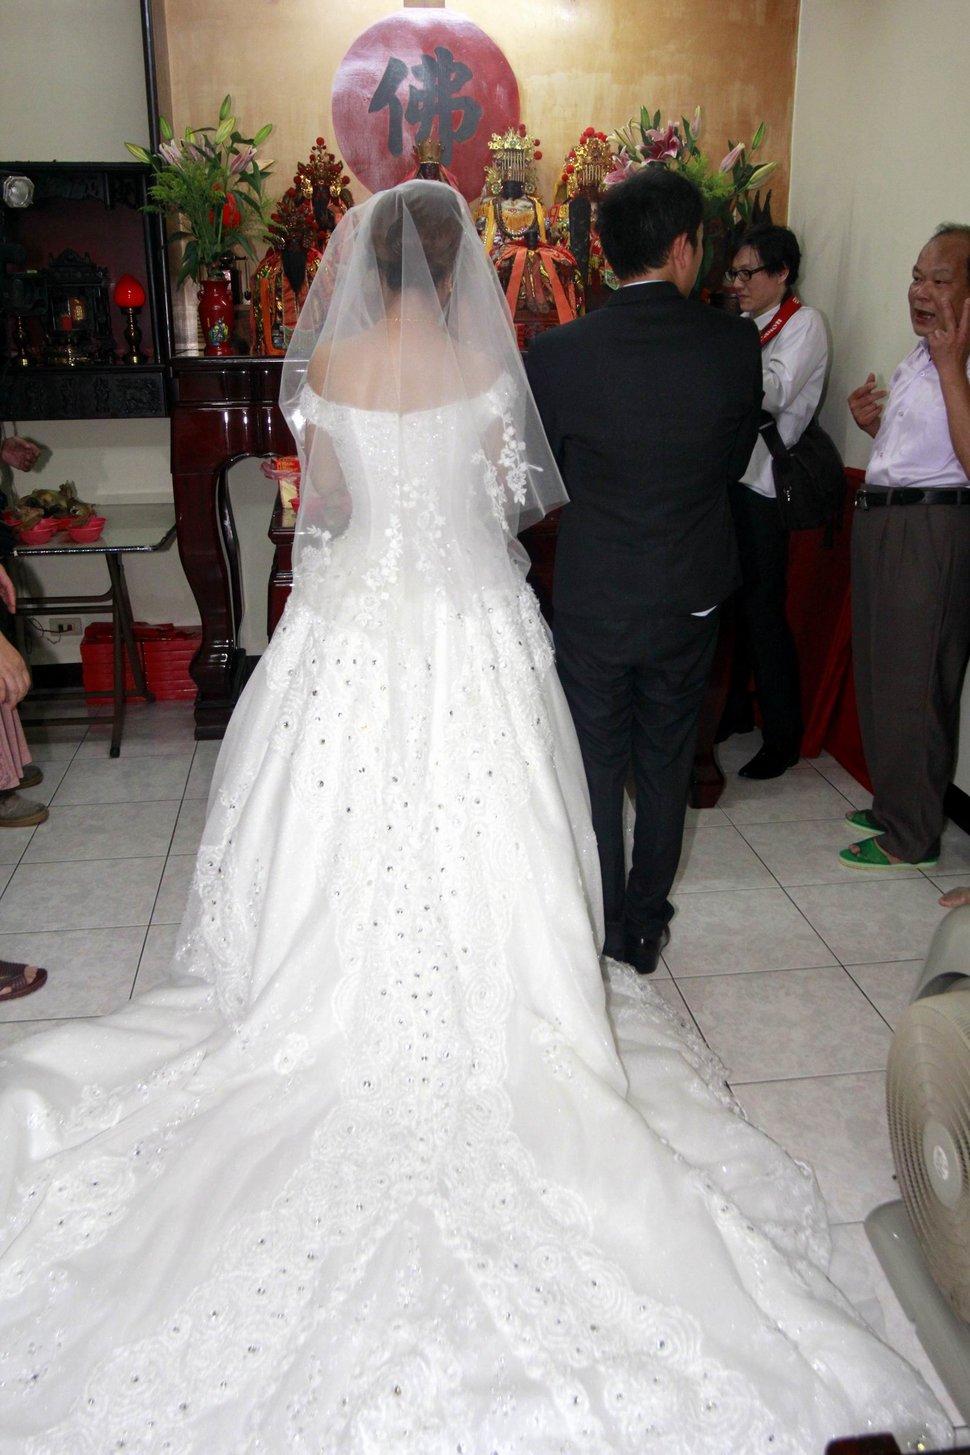 永和易牙居婚宴廣場宴會廳婚婚禮記錄結婚迎娶婚禮記錄動態微電影錄影專業錄影平面攝影婚攝婚禮(編號:213049) - 蜜月拍照10800錄影12800攝影團隊 - 結婚吧